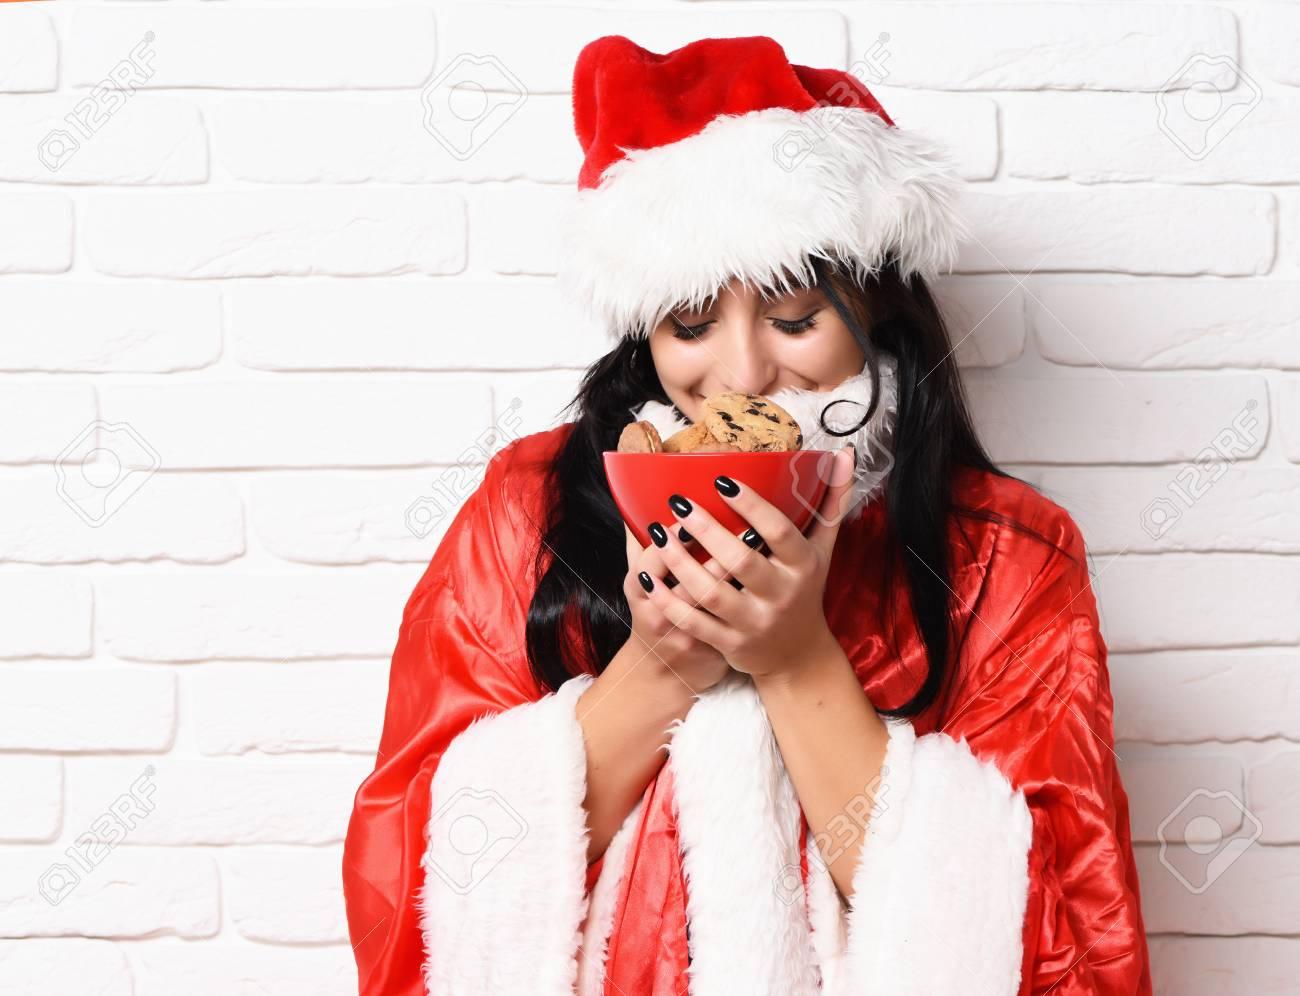 Bastante Linda Chica De Santa O Sonriente Mujer Morena En Año Nuevo Suéter  Y Sombrero Sosteniendo Y Oliendo Navidad O Navidad Galletas De Cadera De ... aebbbf5e64a